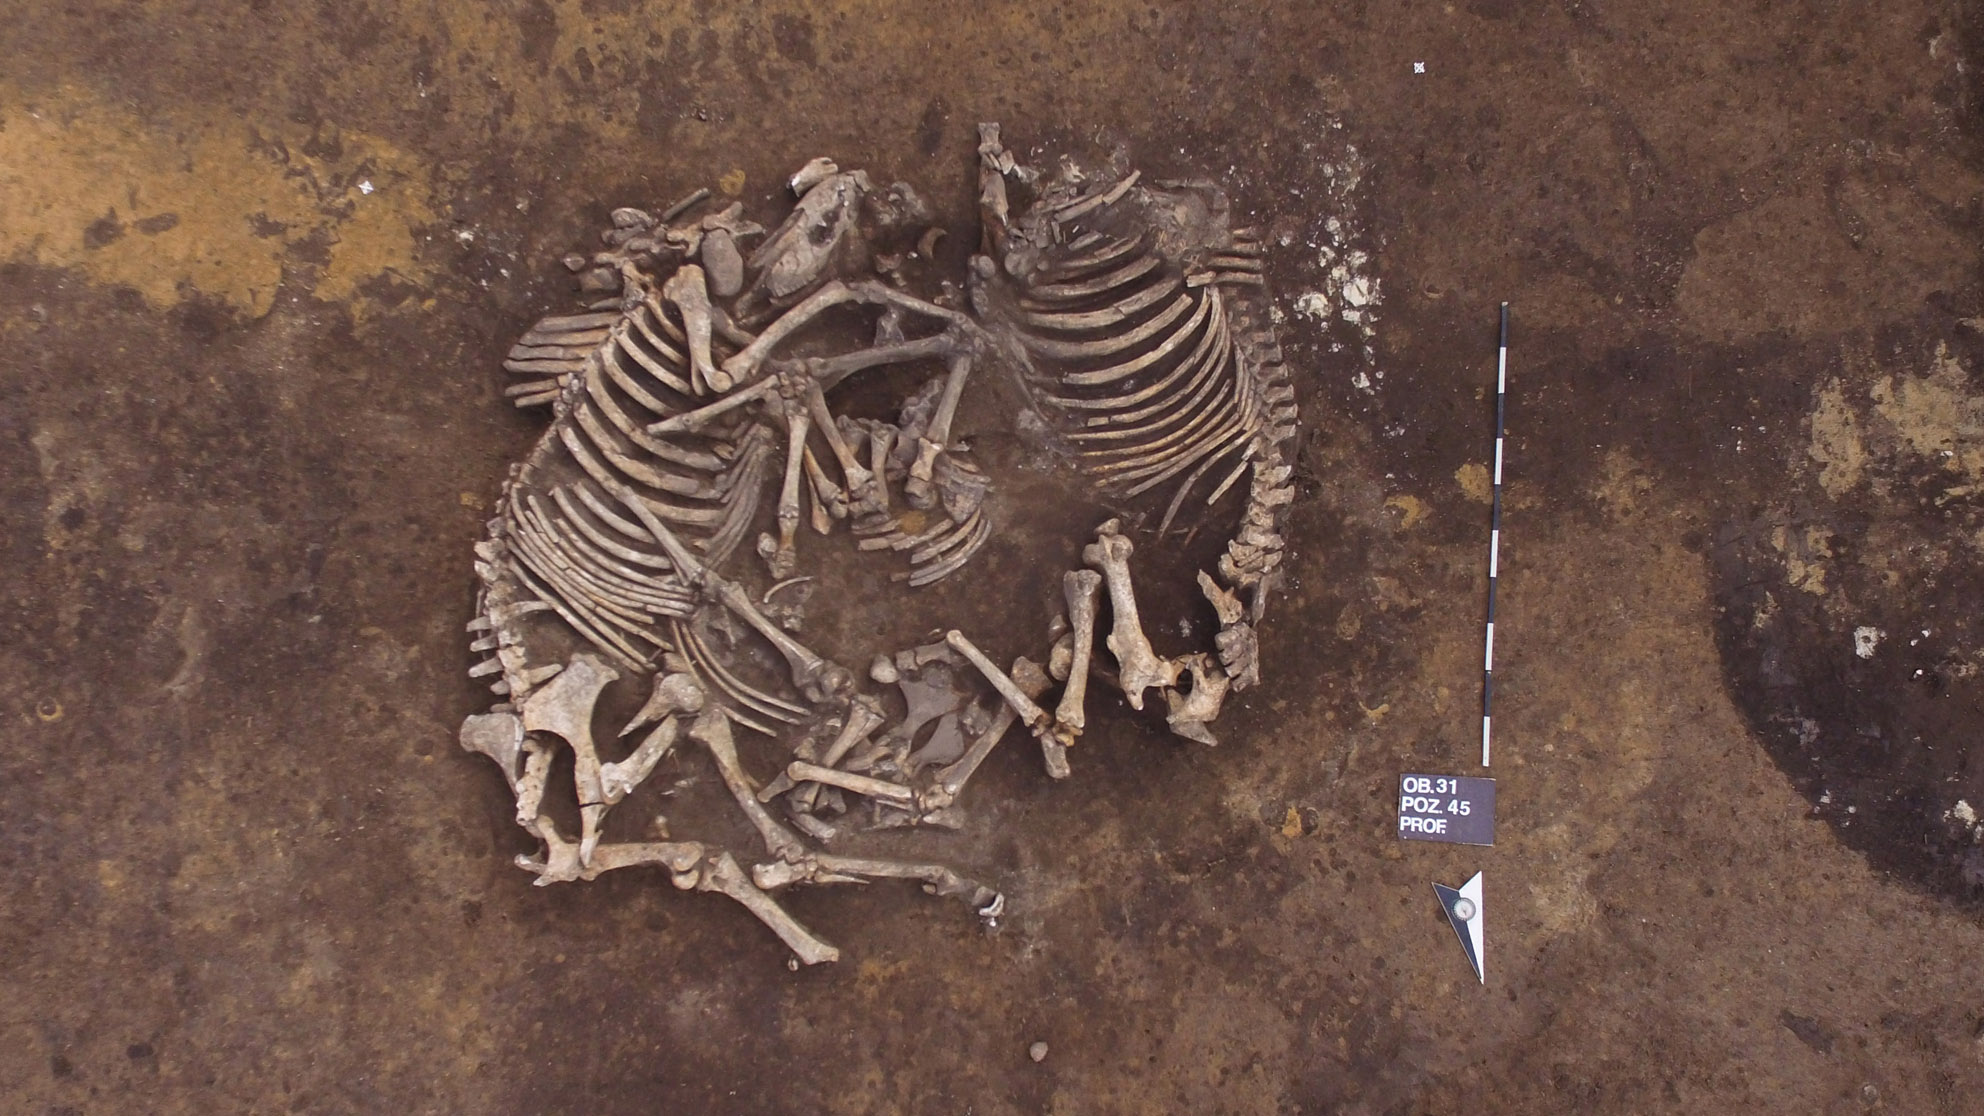 Ces deux chevaux ont été enterrés côte à côte dans une tombe sur le site qui date de l'âge du bronze moyen, des milliers d'années après le cimetière néolithique.